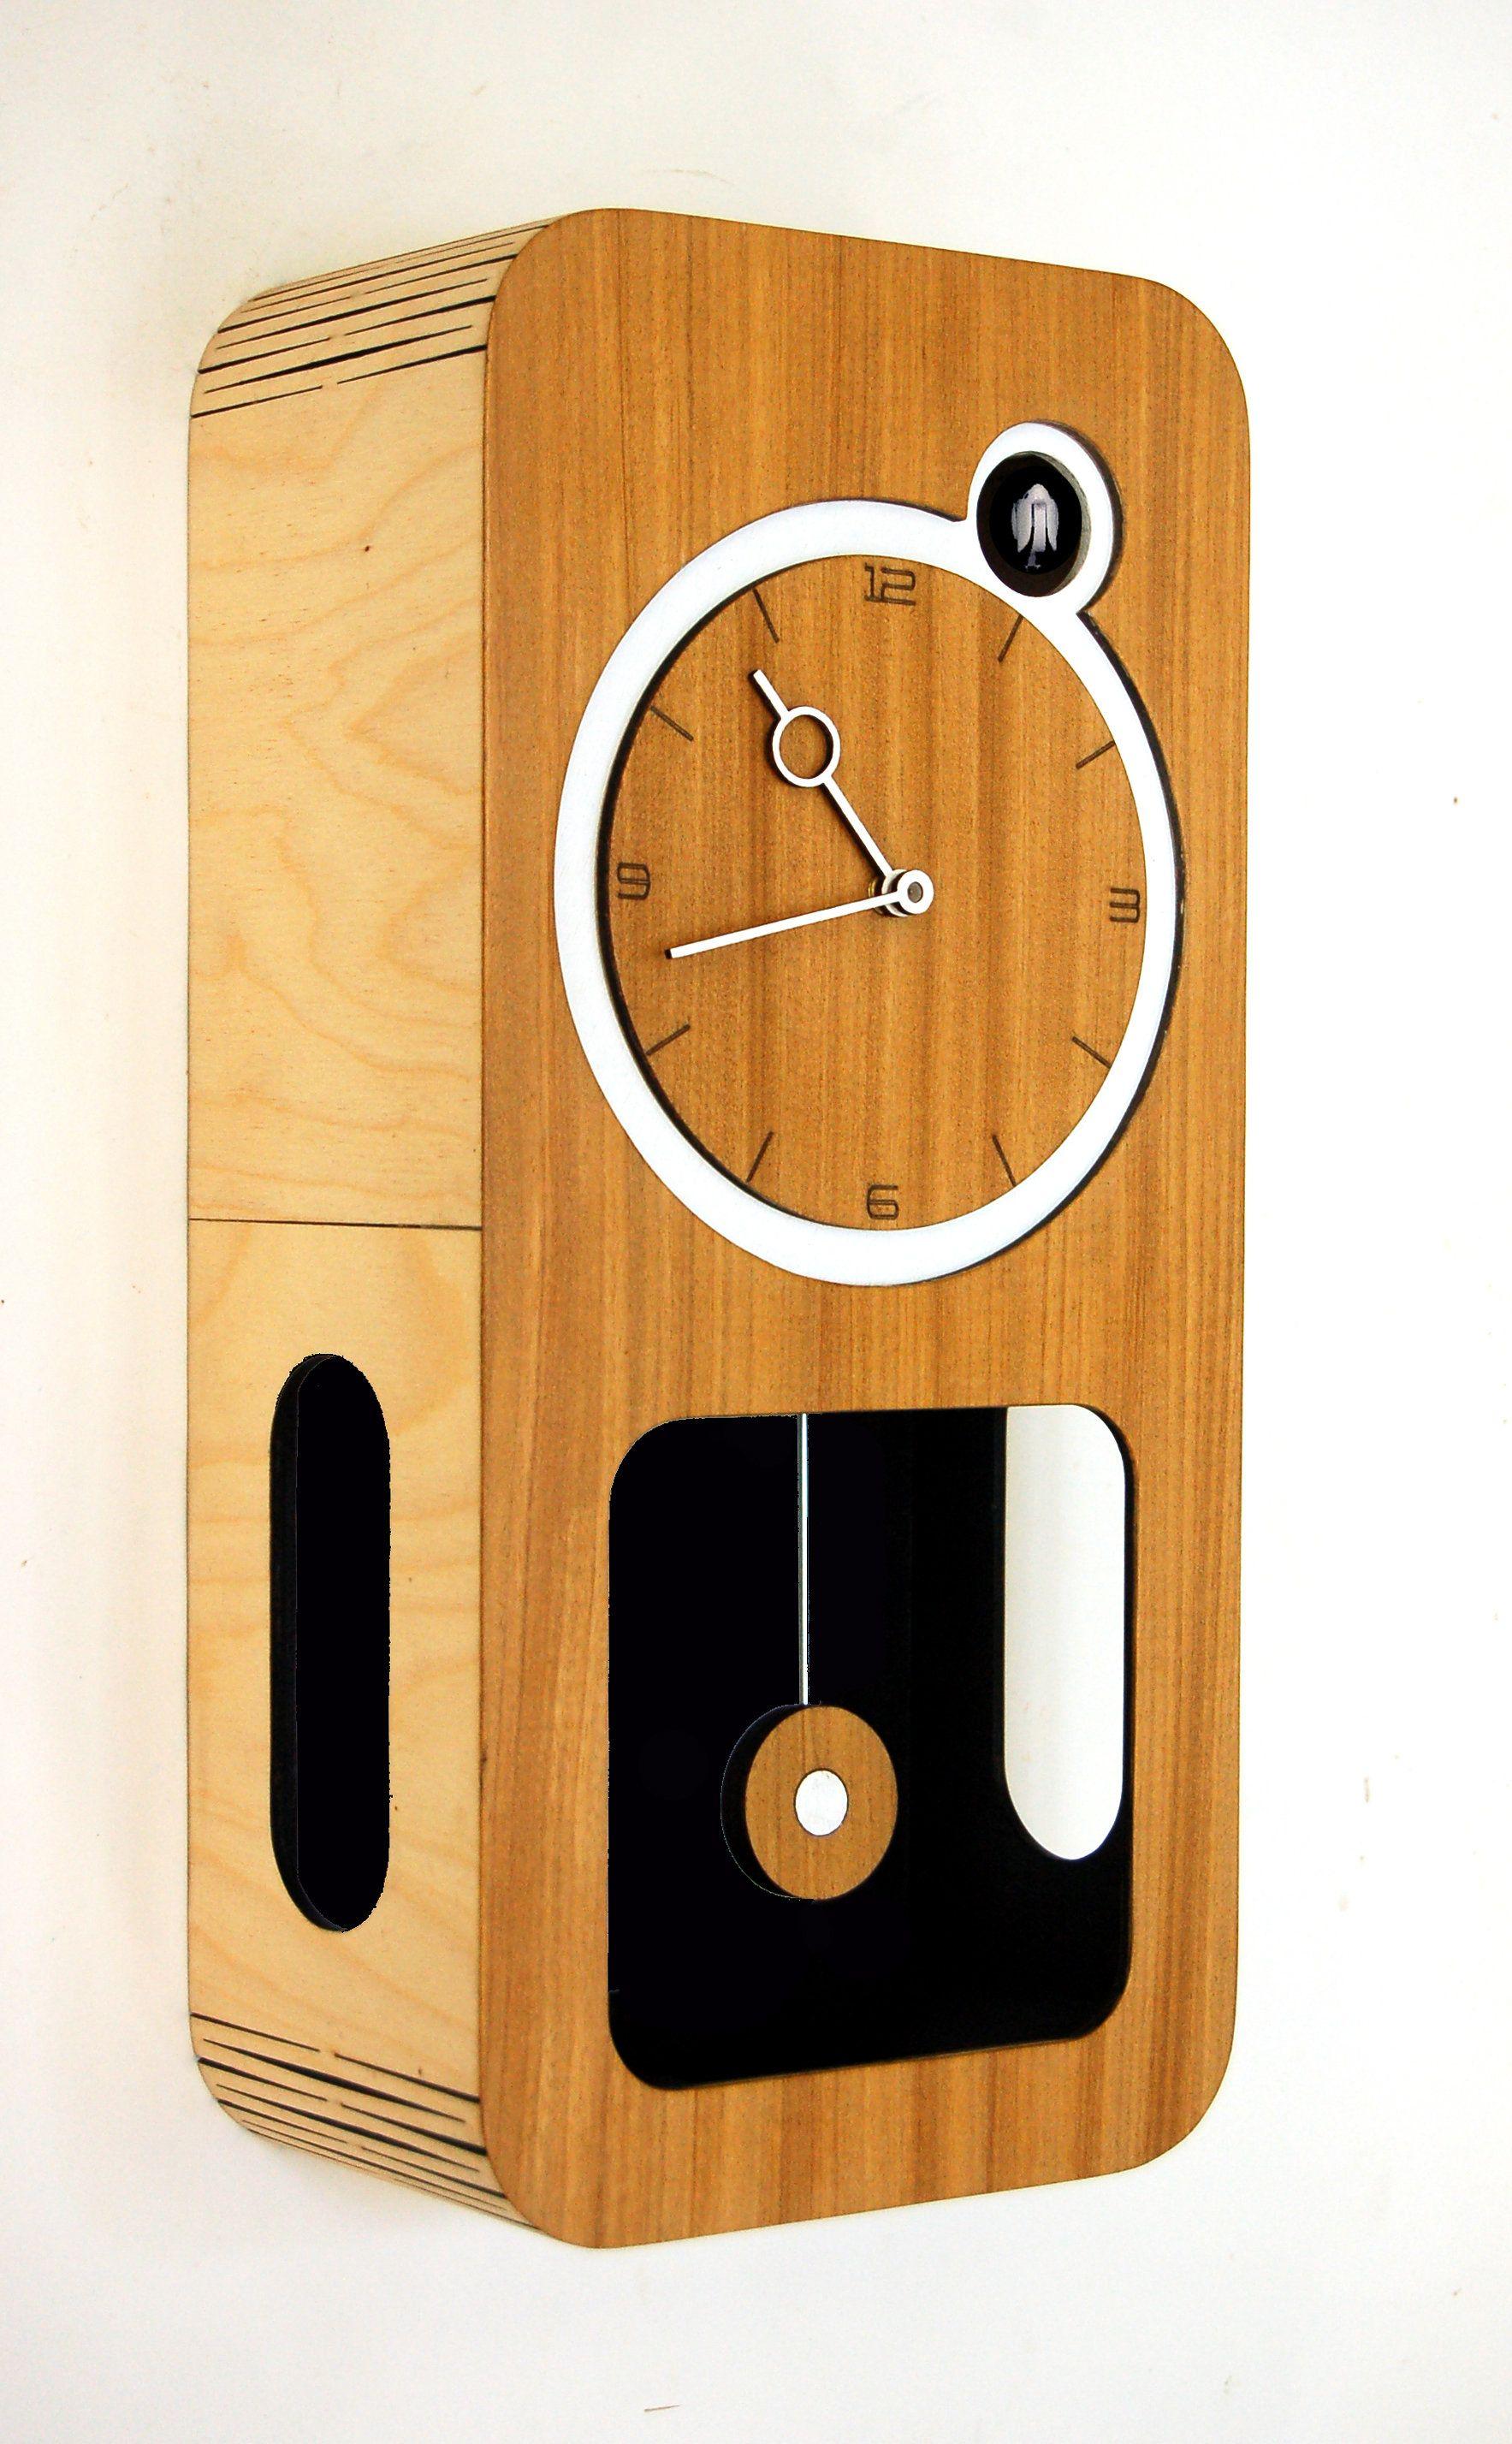 Cuckoo Clock Modern Cuckoo Clock Wooden Clock Cuckoo Clock